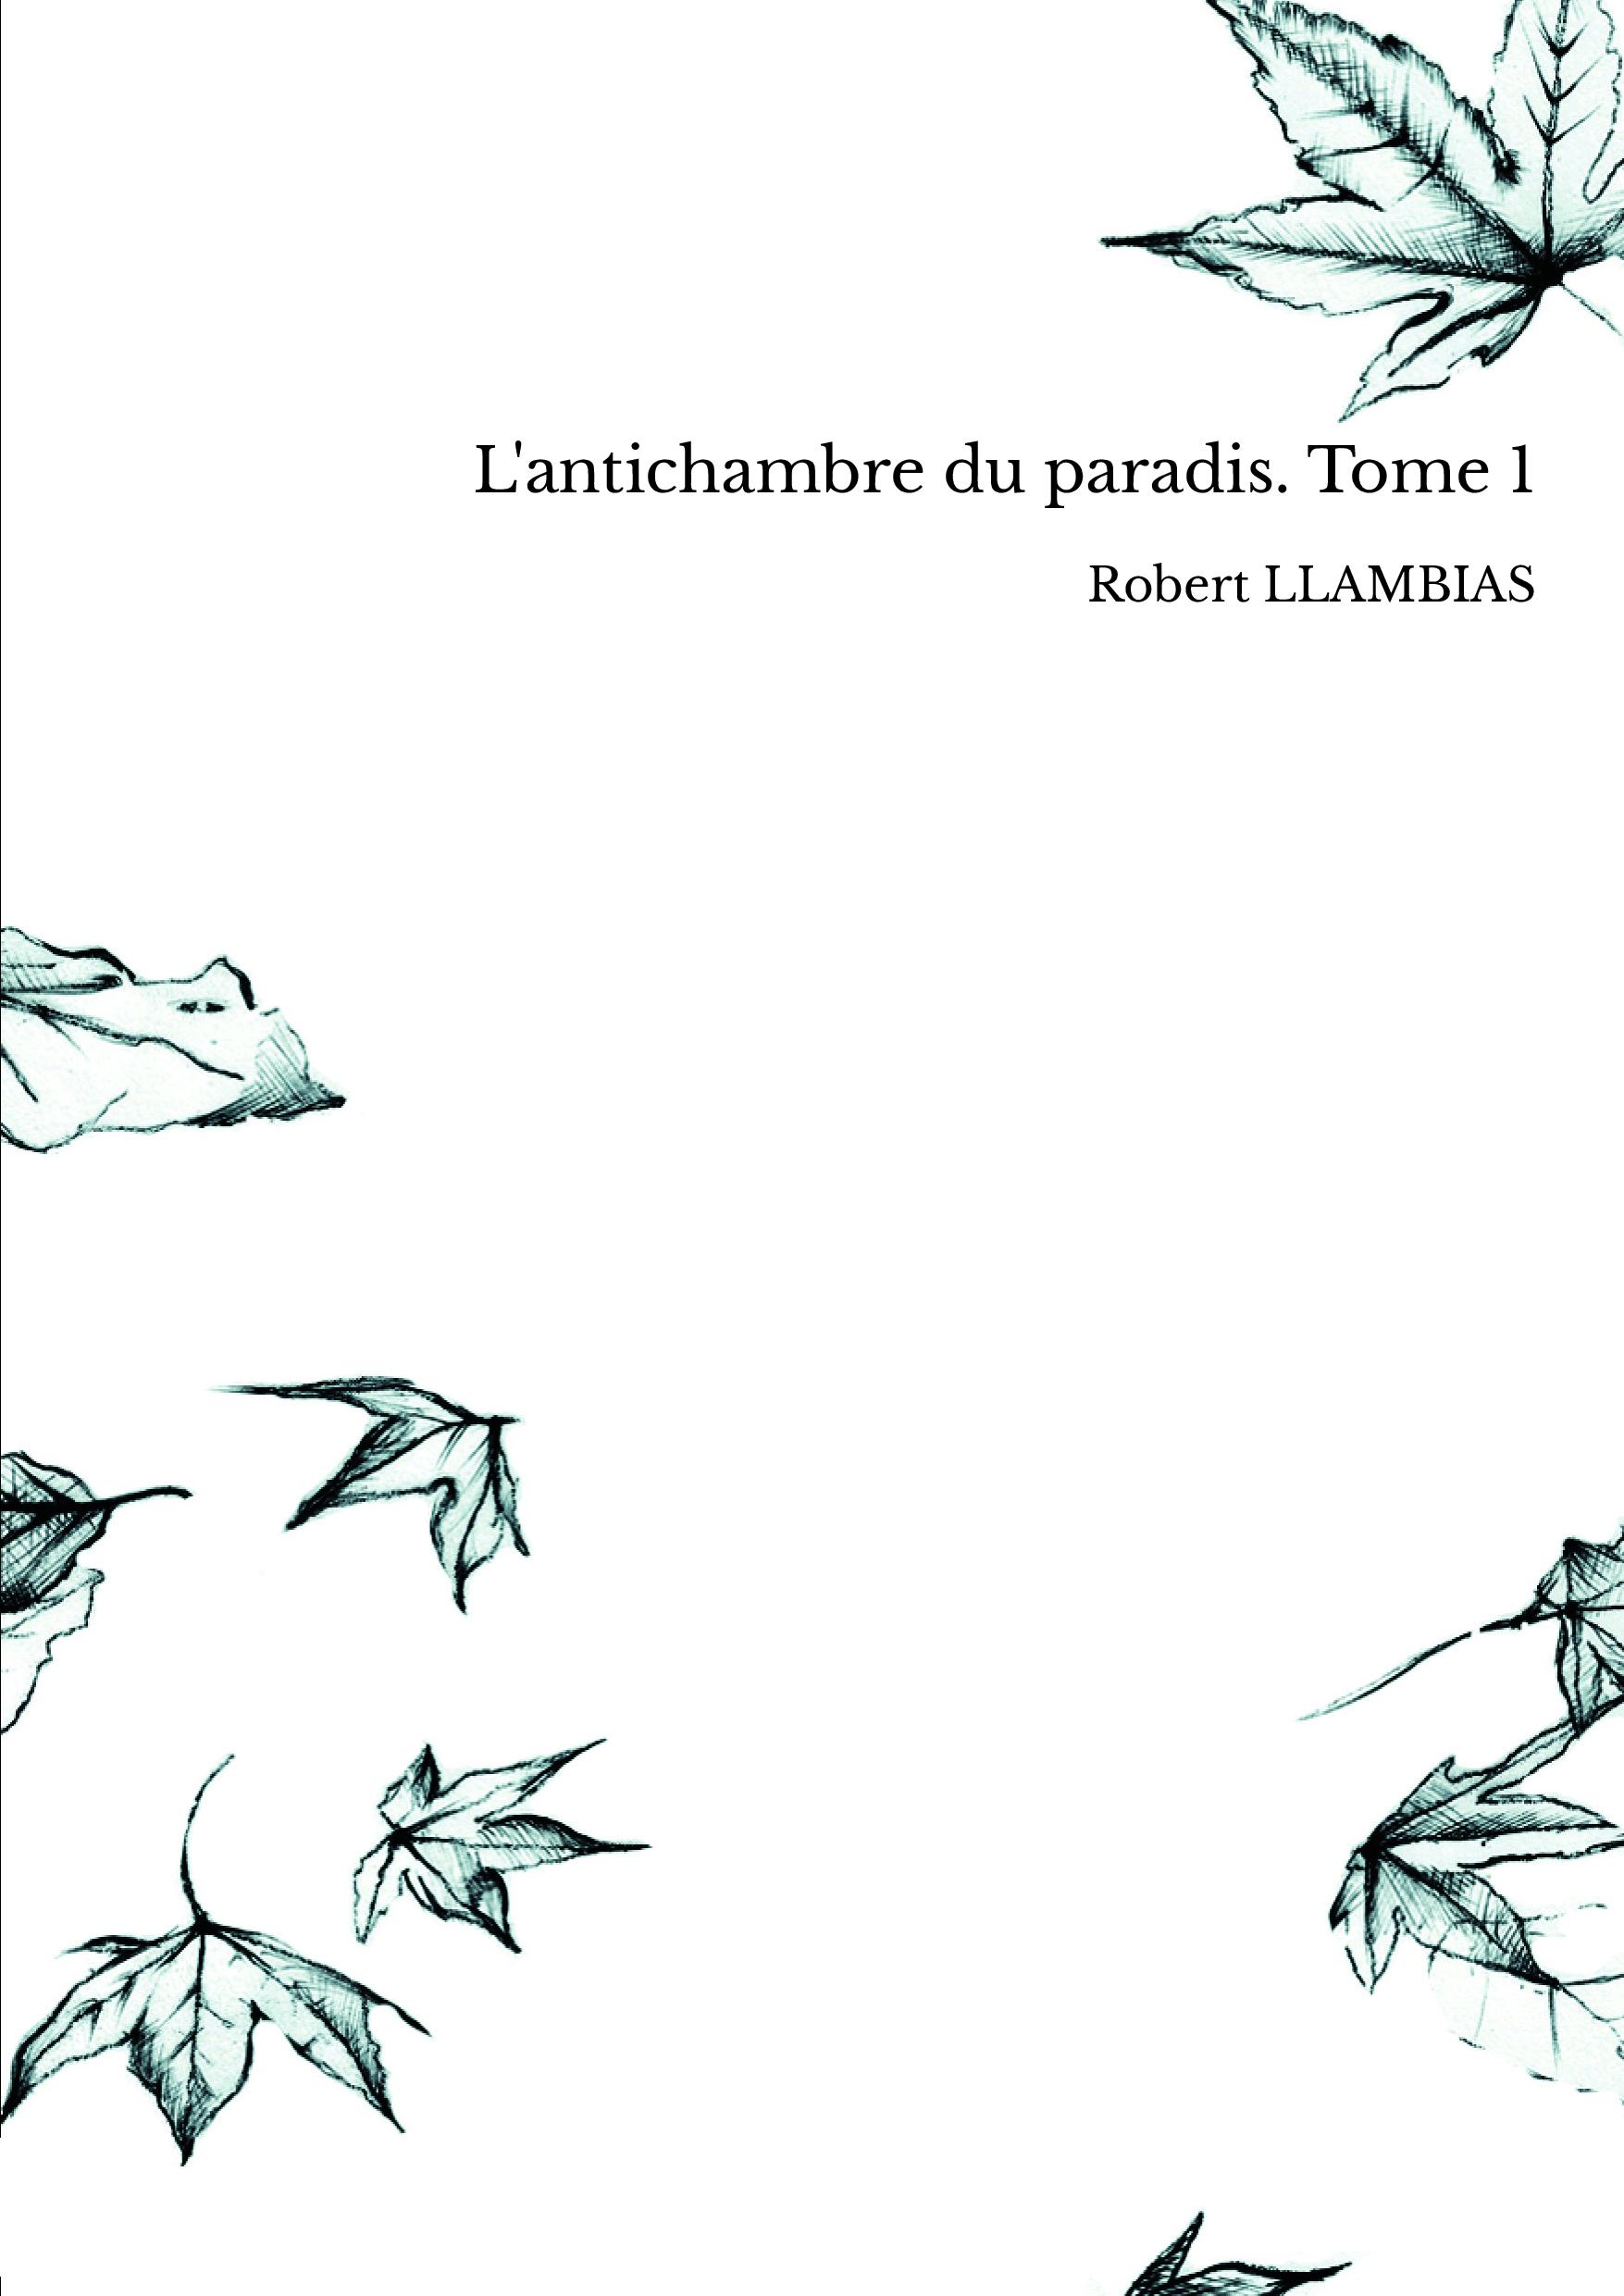 L'antichambre du paradis. Tome 1